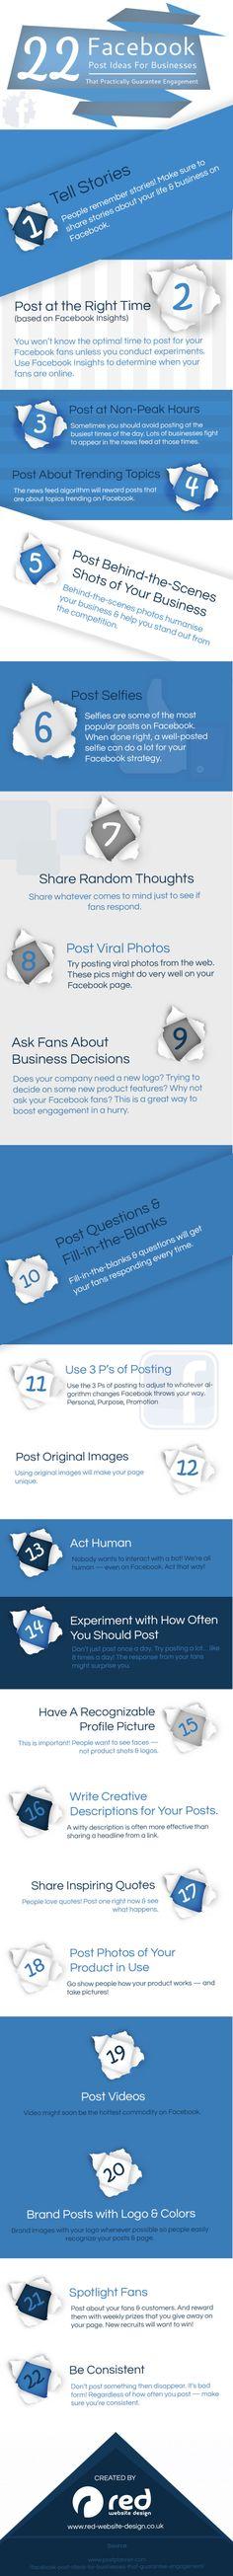 22 ideas de post para el FaceBook de tu empresa #infografia #infographic #socialmedia